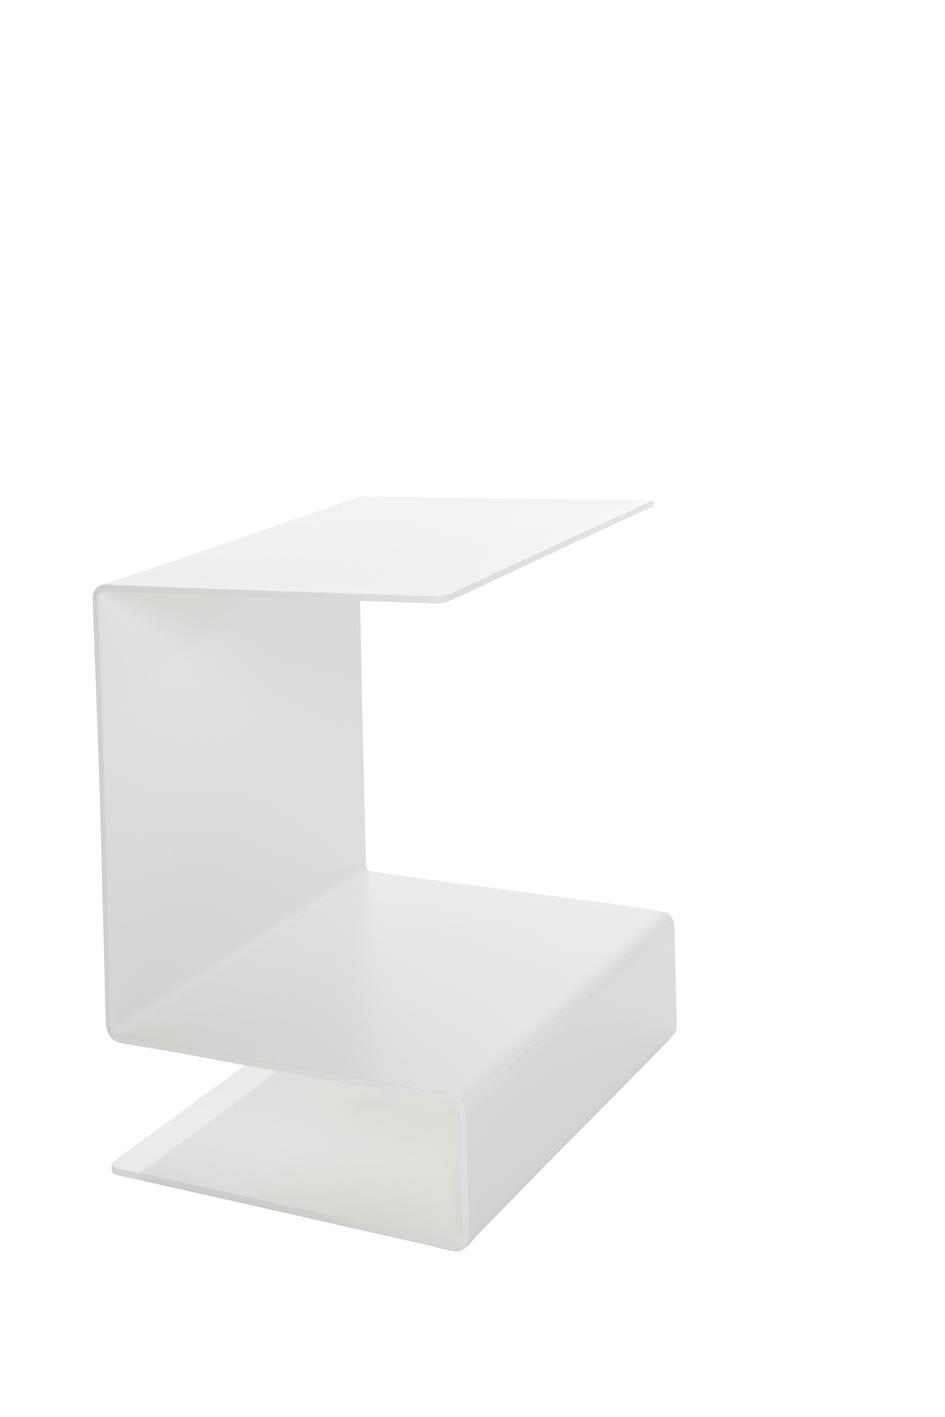 HUK side table Detailbild 1